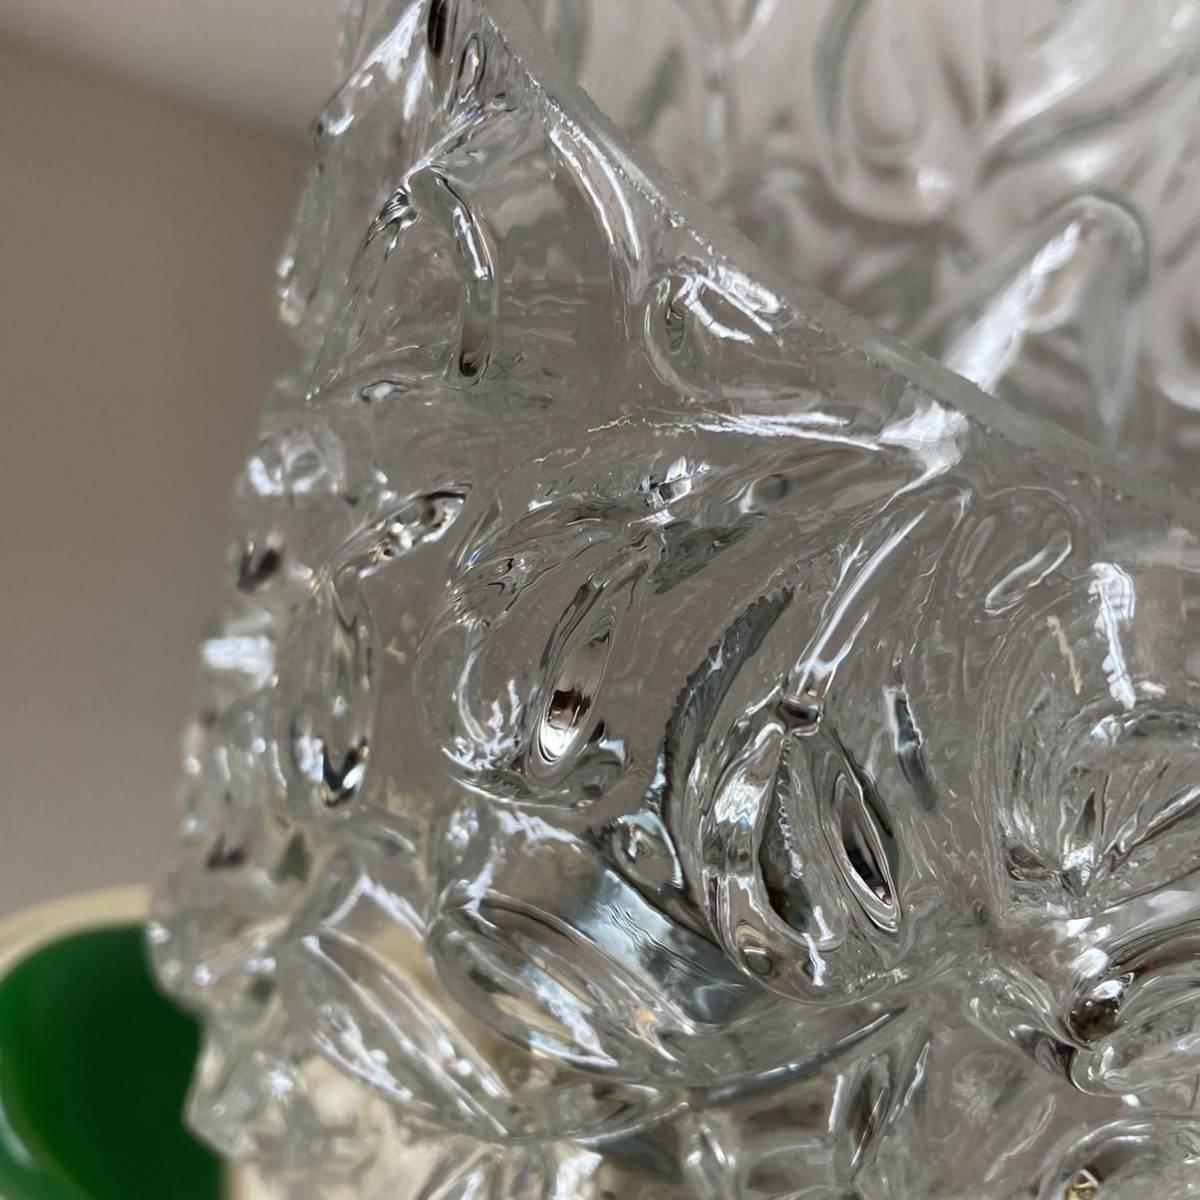 ドイツ70's ヴィンテージ ガラス シェード テーブルランプ ベッドサイド レトロ スペースエイジ インテリア_画像6